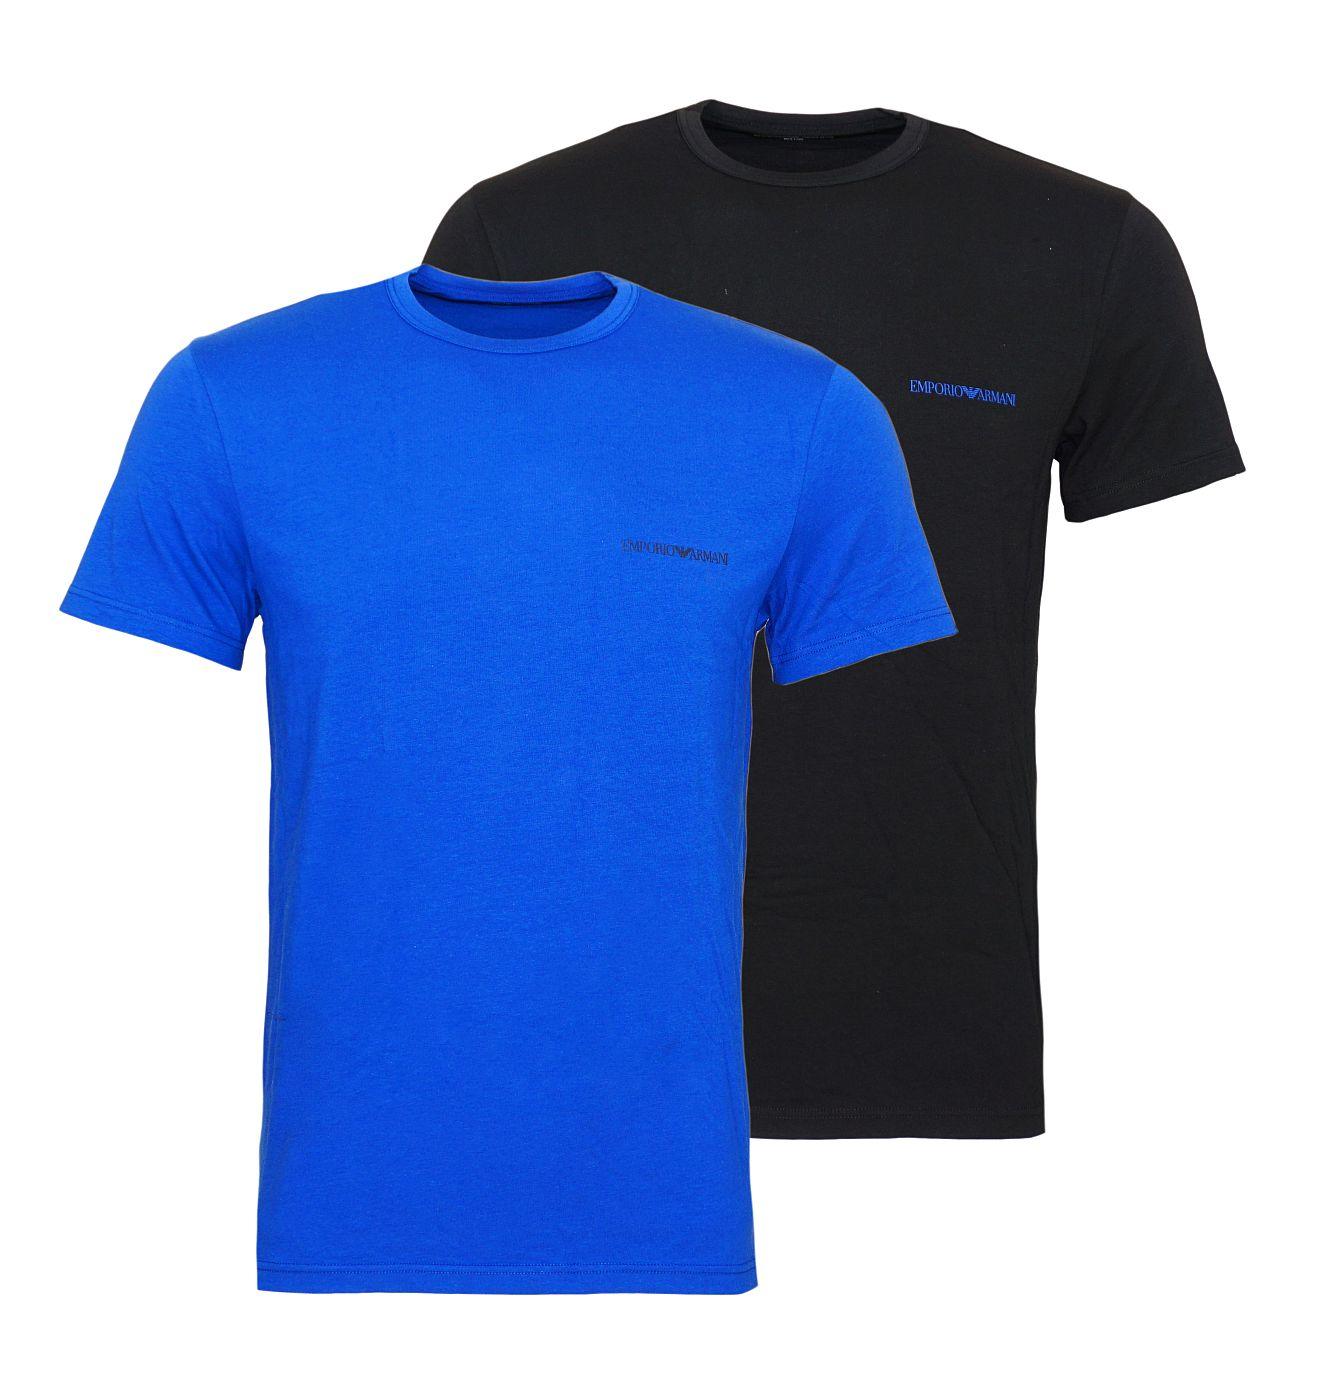 Emporio Armani 2er Pack T-Shirts Rundhals 111267 8A717 59920 NERO/MAZARINE SH18-EAT1